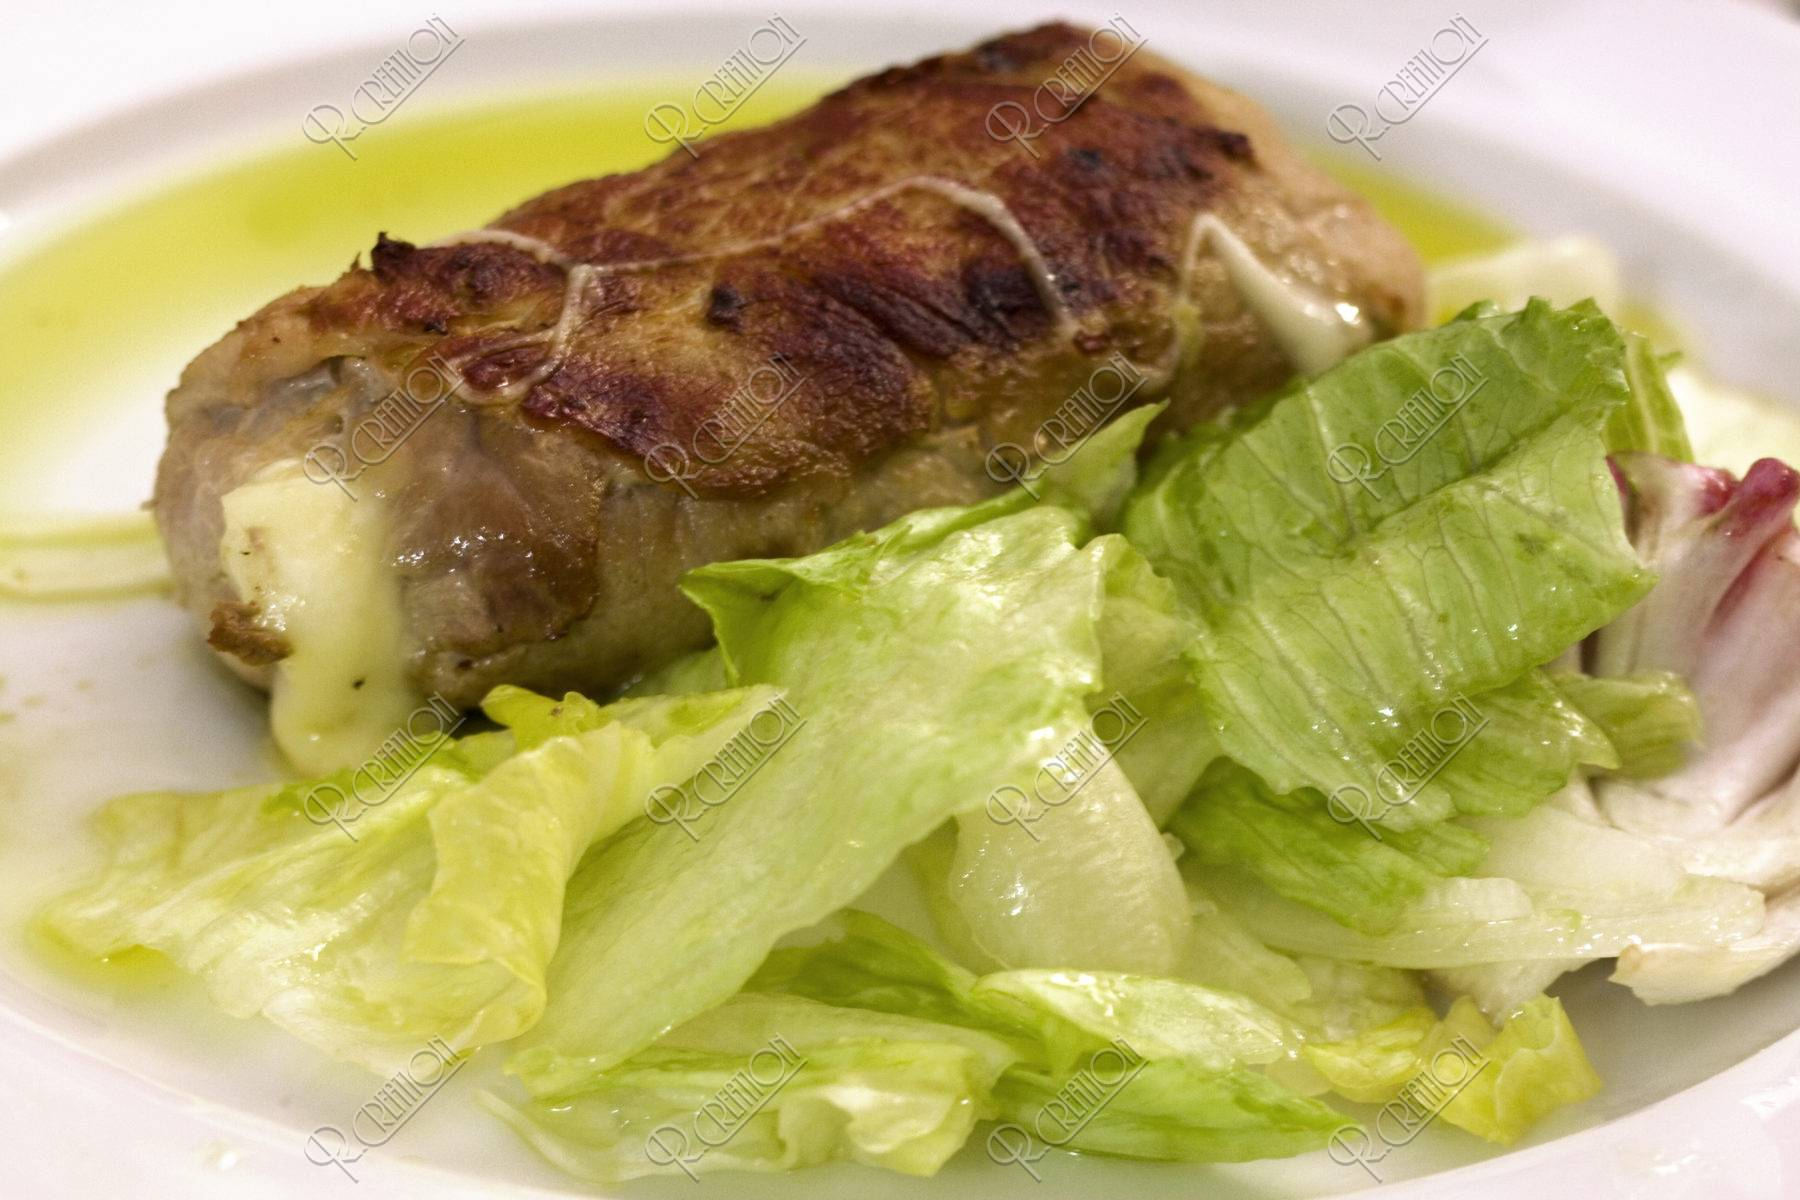 豚肉のロール巻き(カラブリセッラ)